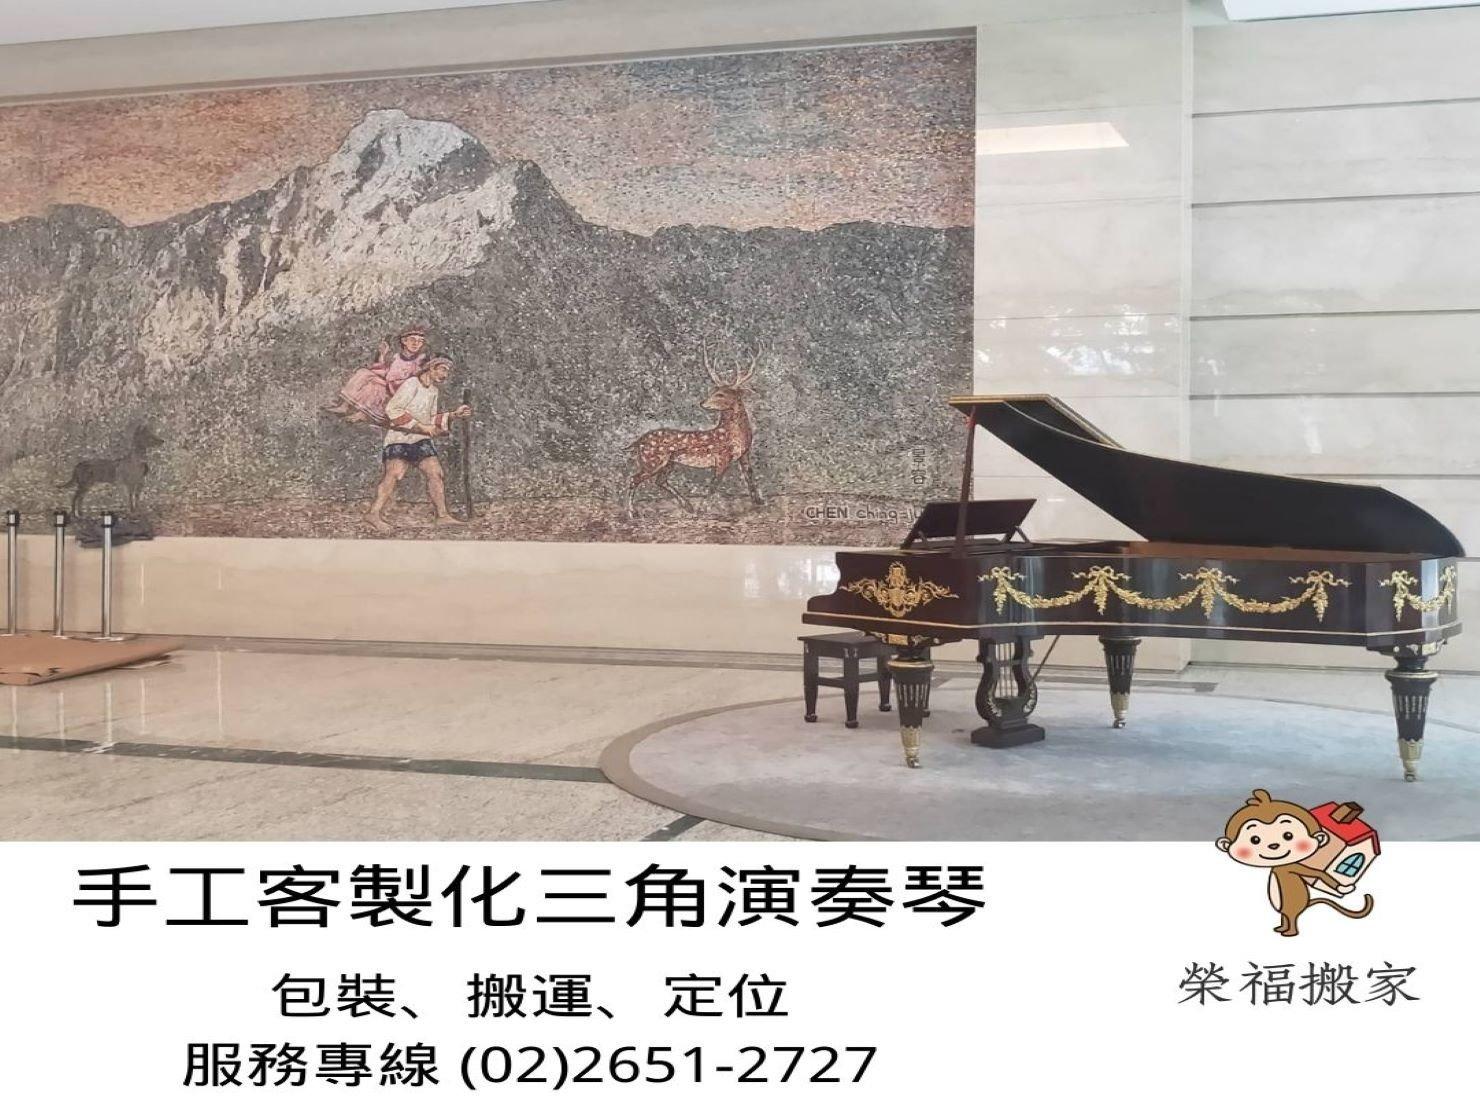 【鋼琴搬運】精緻典雅手工雕刻演奏琴《三角琴》搬運,給予顧客最高品質的優質搬遷服務